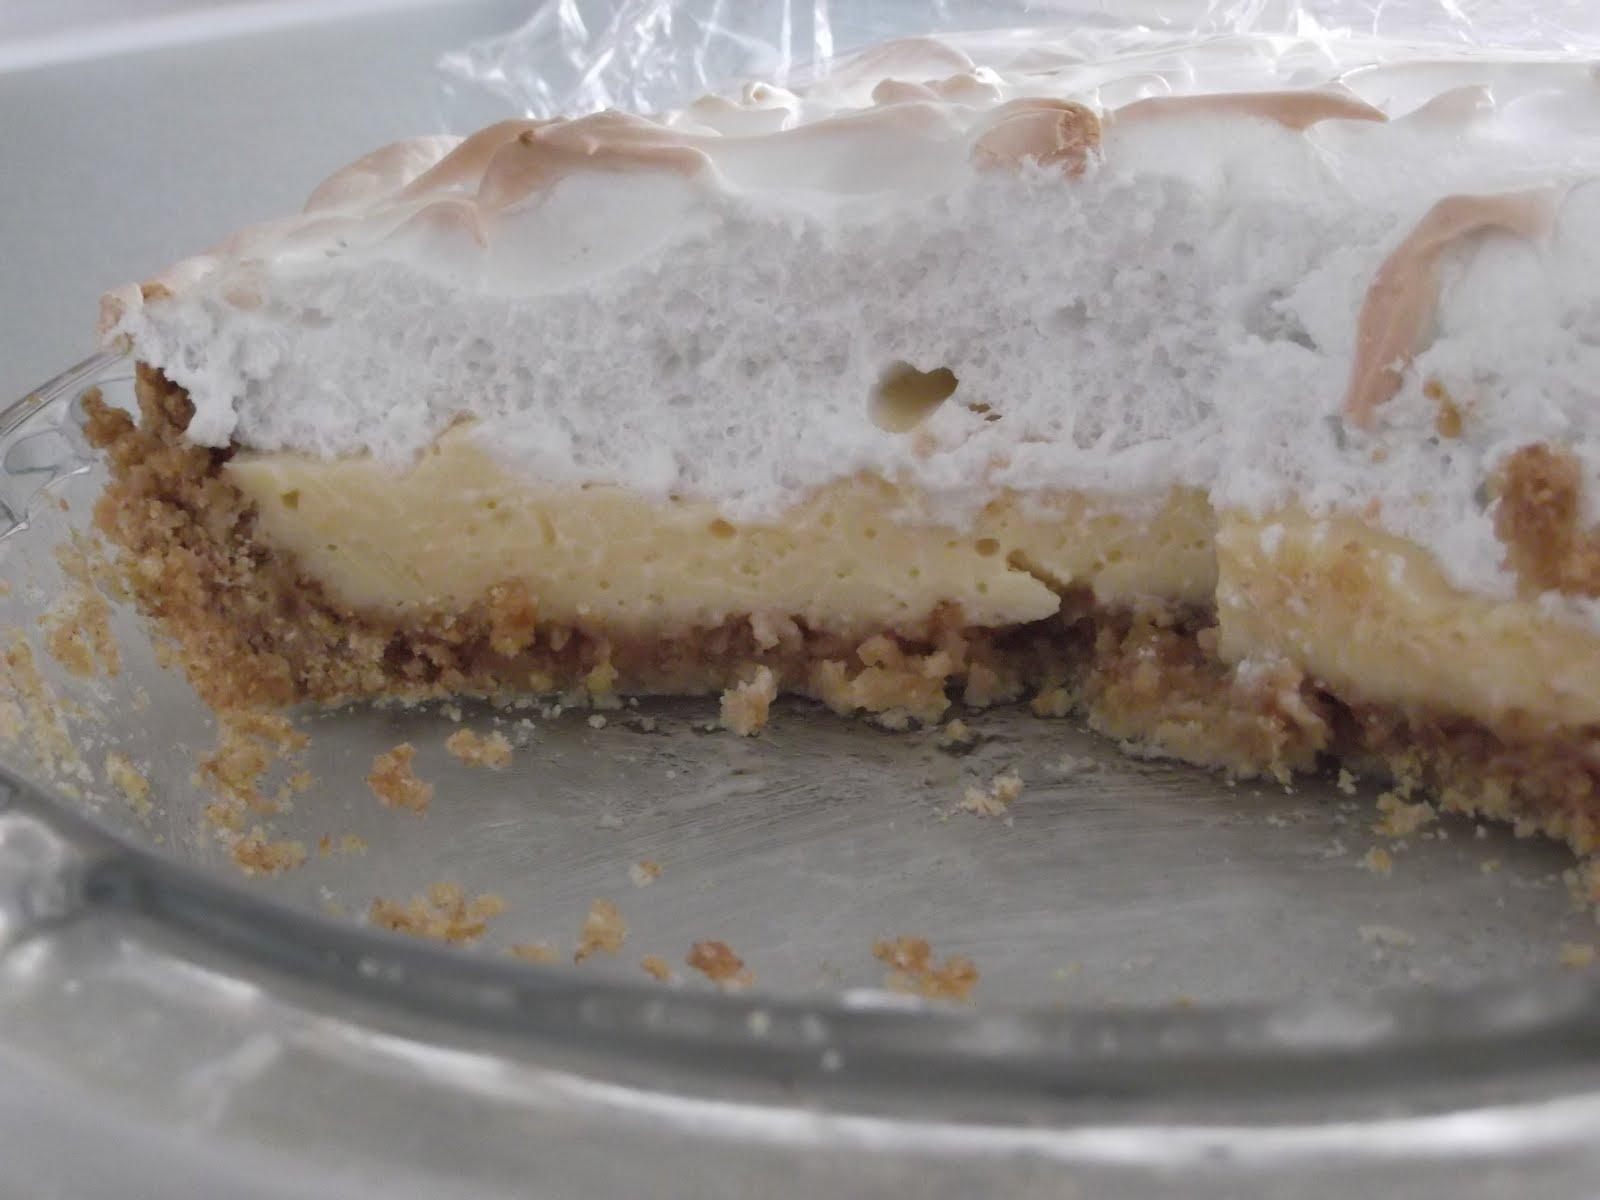 Dinner time ideas lemon meringue pie for Lemon meringue pie with graham cracker crust